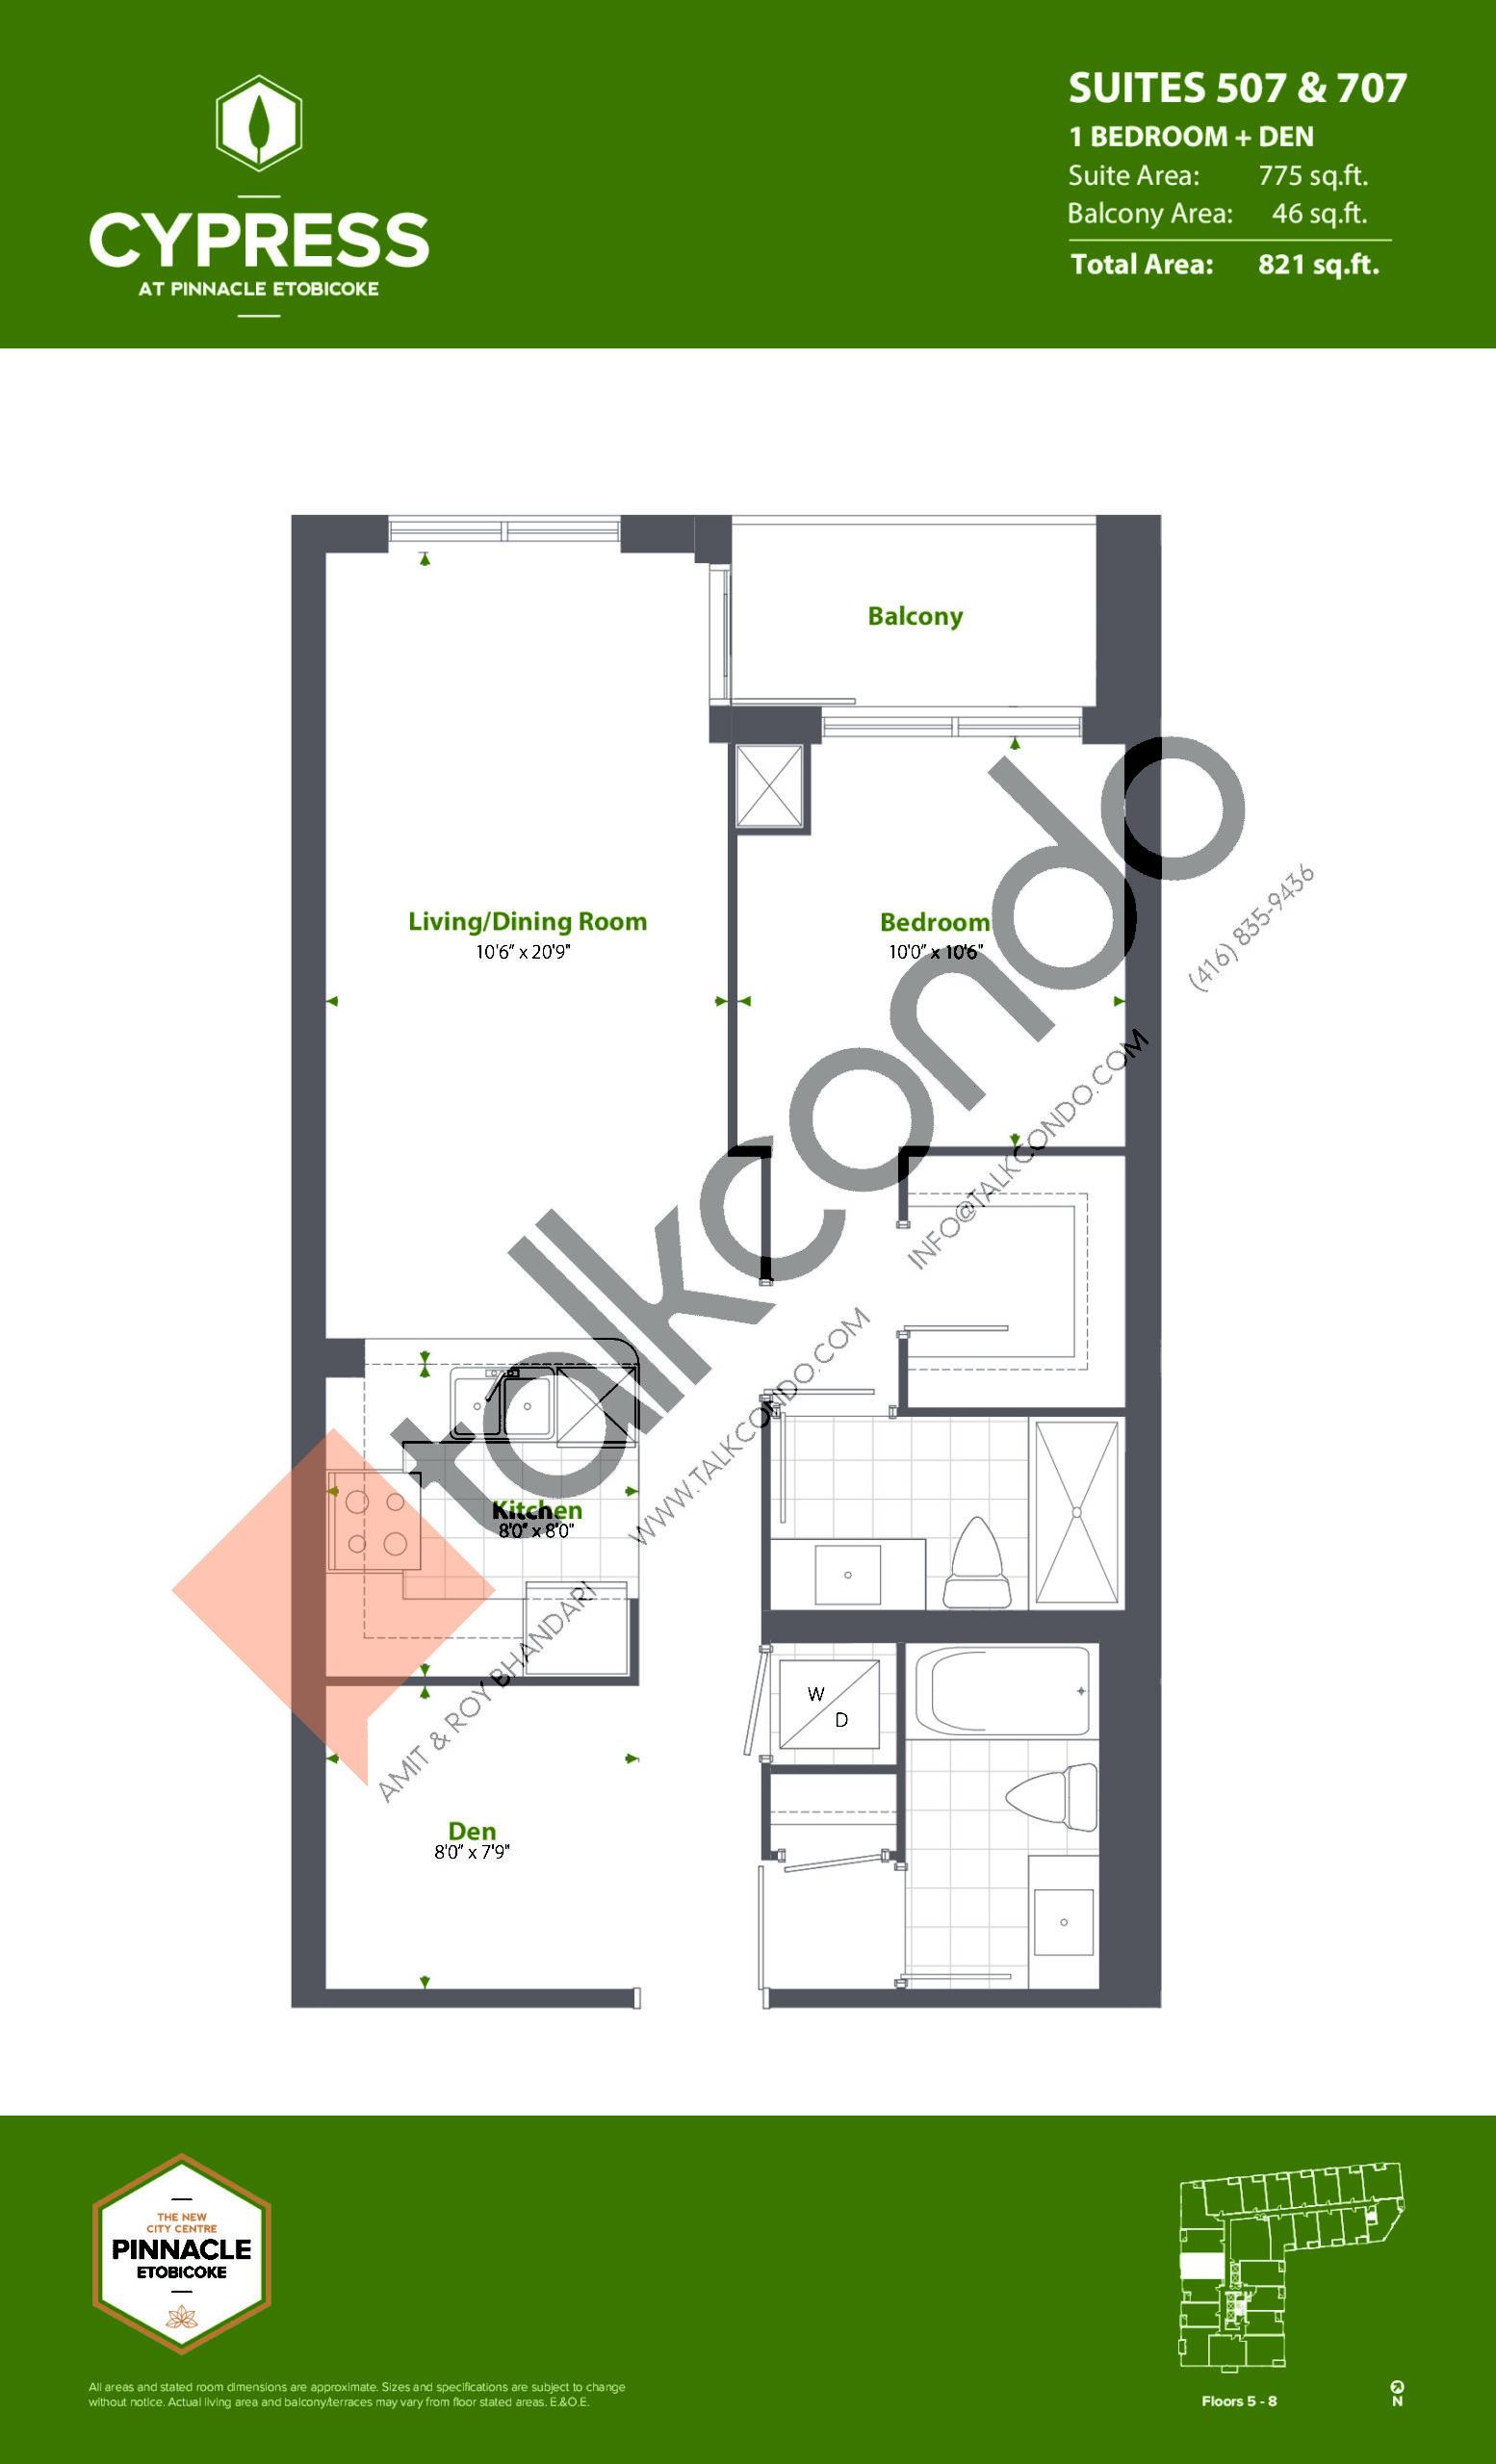 Suites 507 & 707 (Podium) Floor Plan at Cypress at Pinnacle Etobicoke - 775 sq.ft